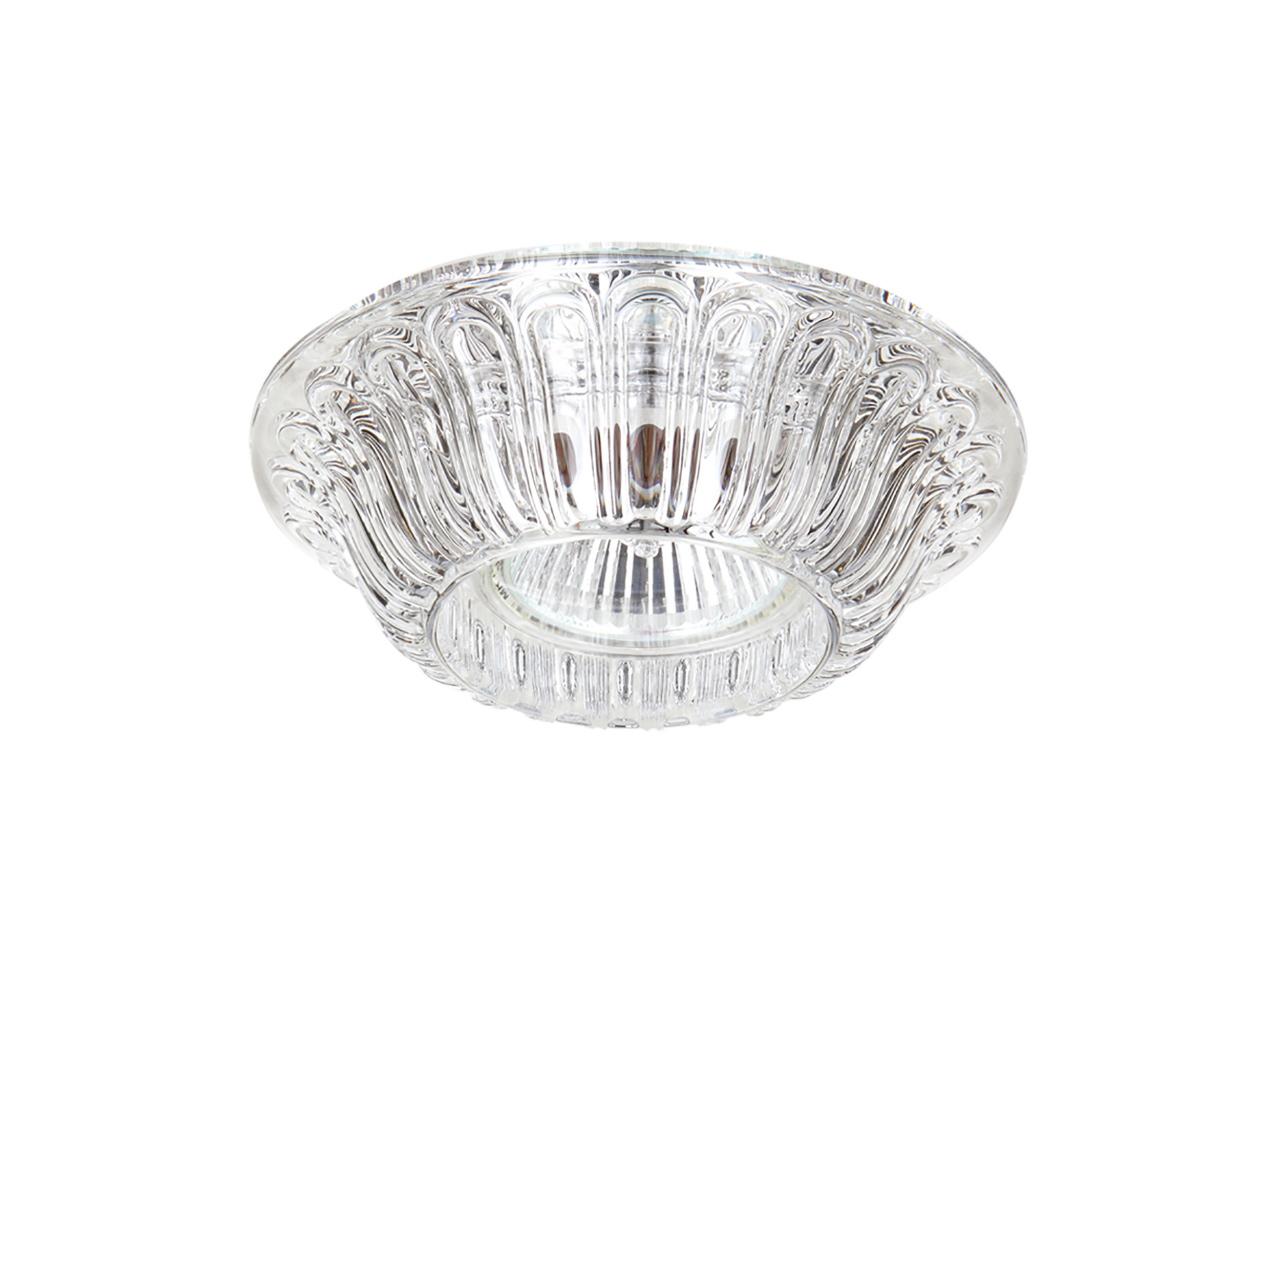 Светильник Torcea MR16 хром / прозрачный Lightstar 006332